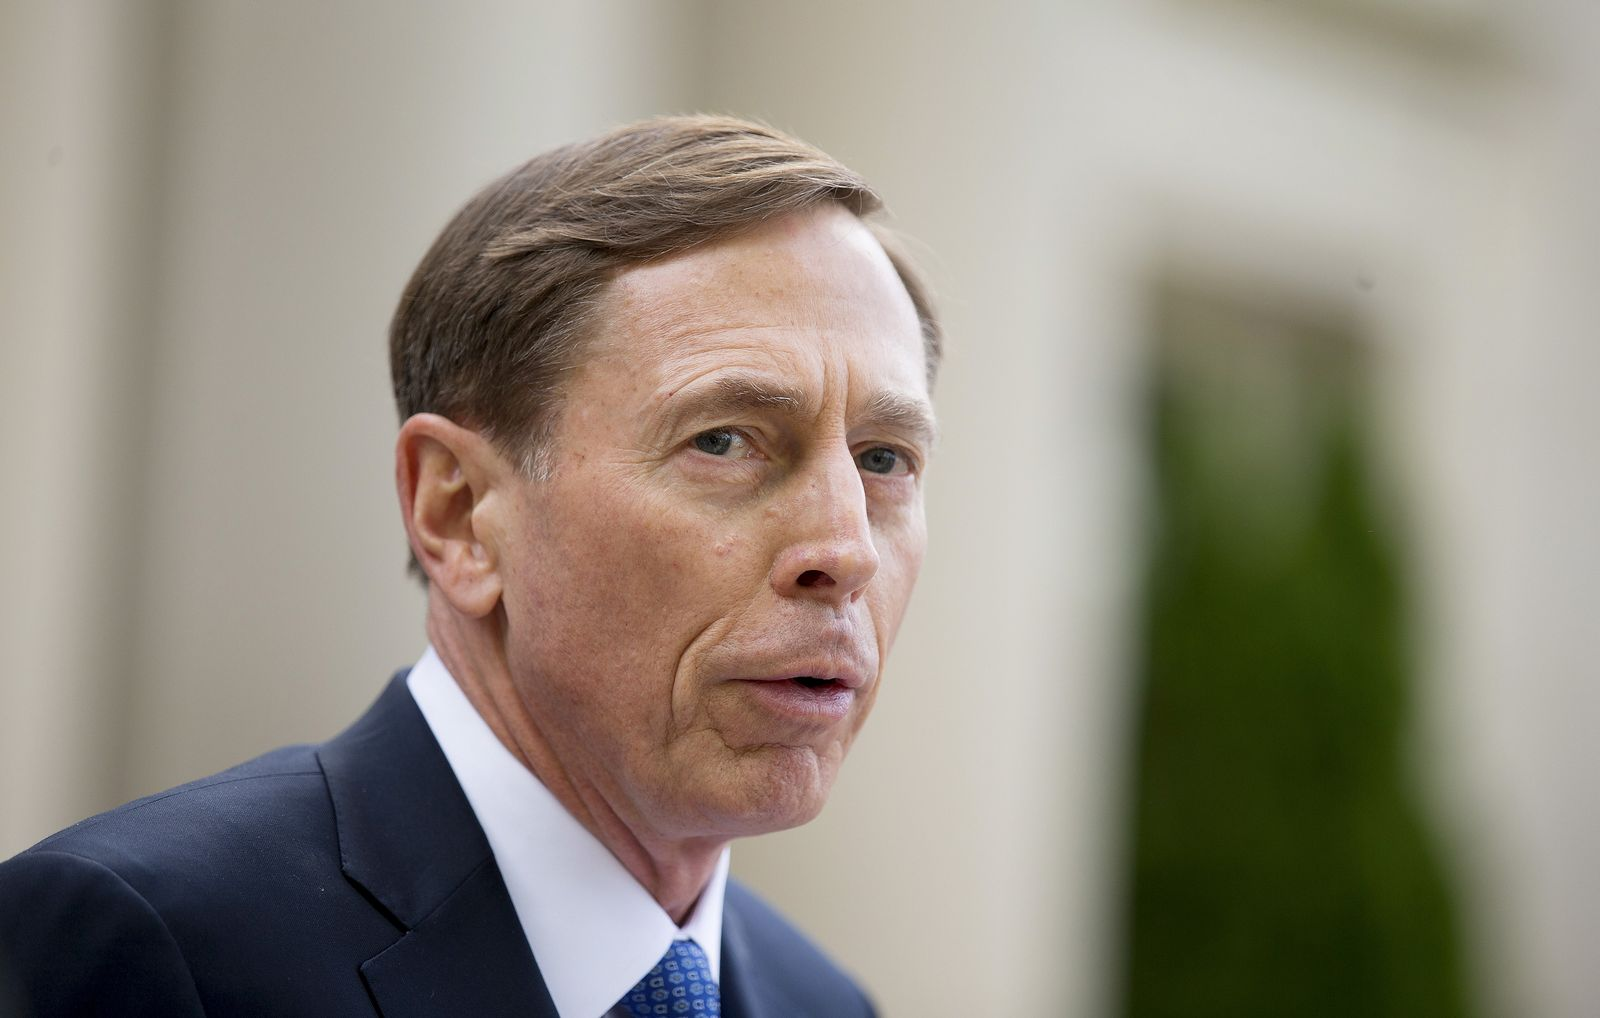 avid Petraeus